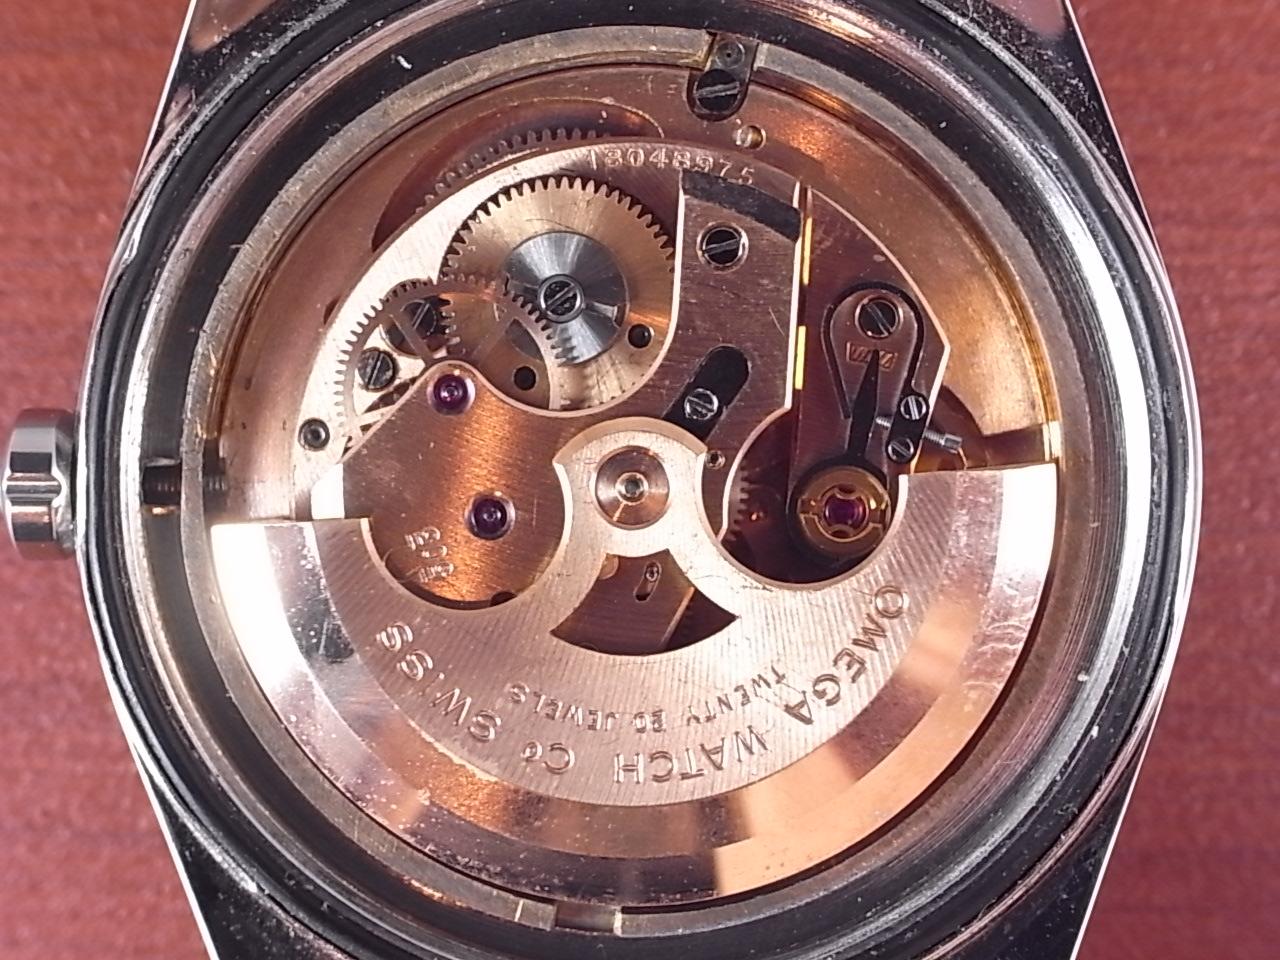 オメガ ビッグシーマスター ビッグメダリオン Ref.2867-1 SC 1960年代の写真5枚目